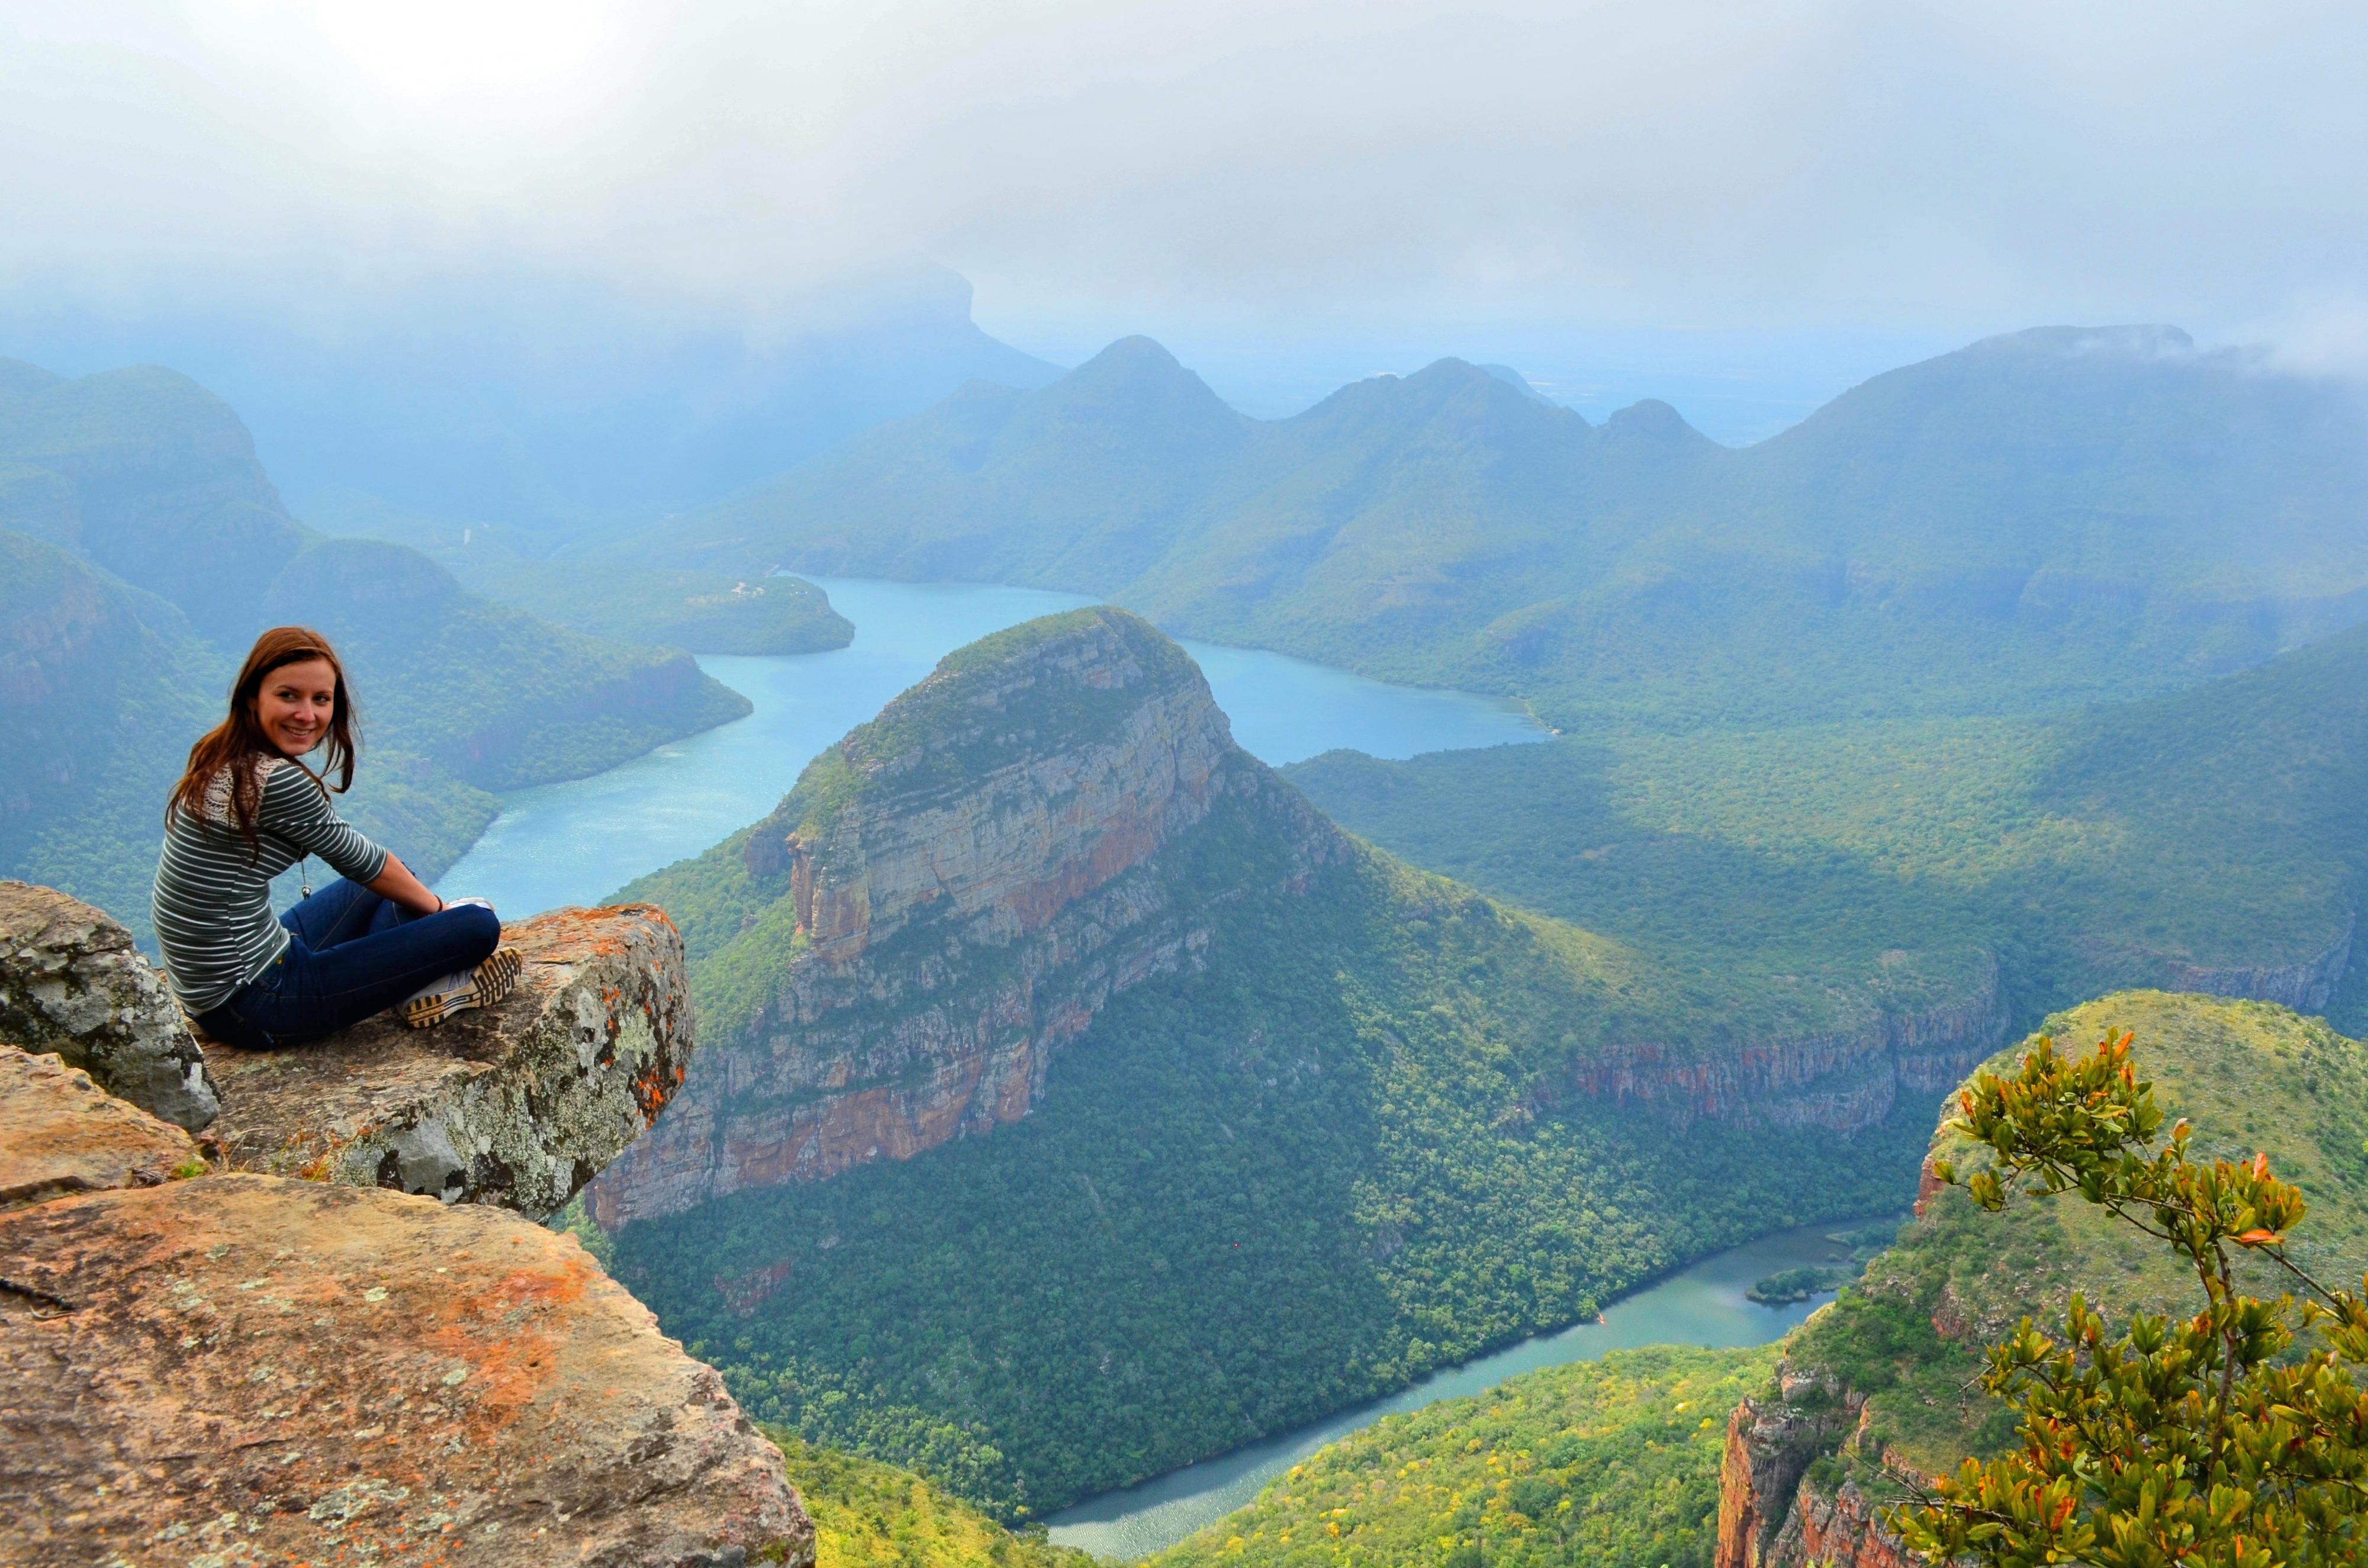 Auf einer Südafrika Rundreise entdeckst du Landschaften, die du dein Leben lang nicht mehr vergessen wirst!